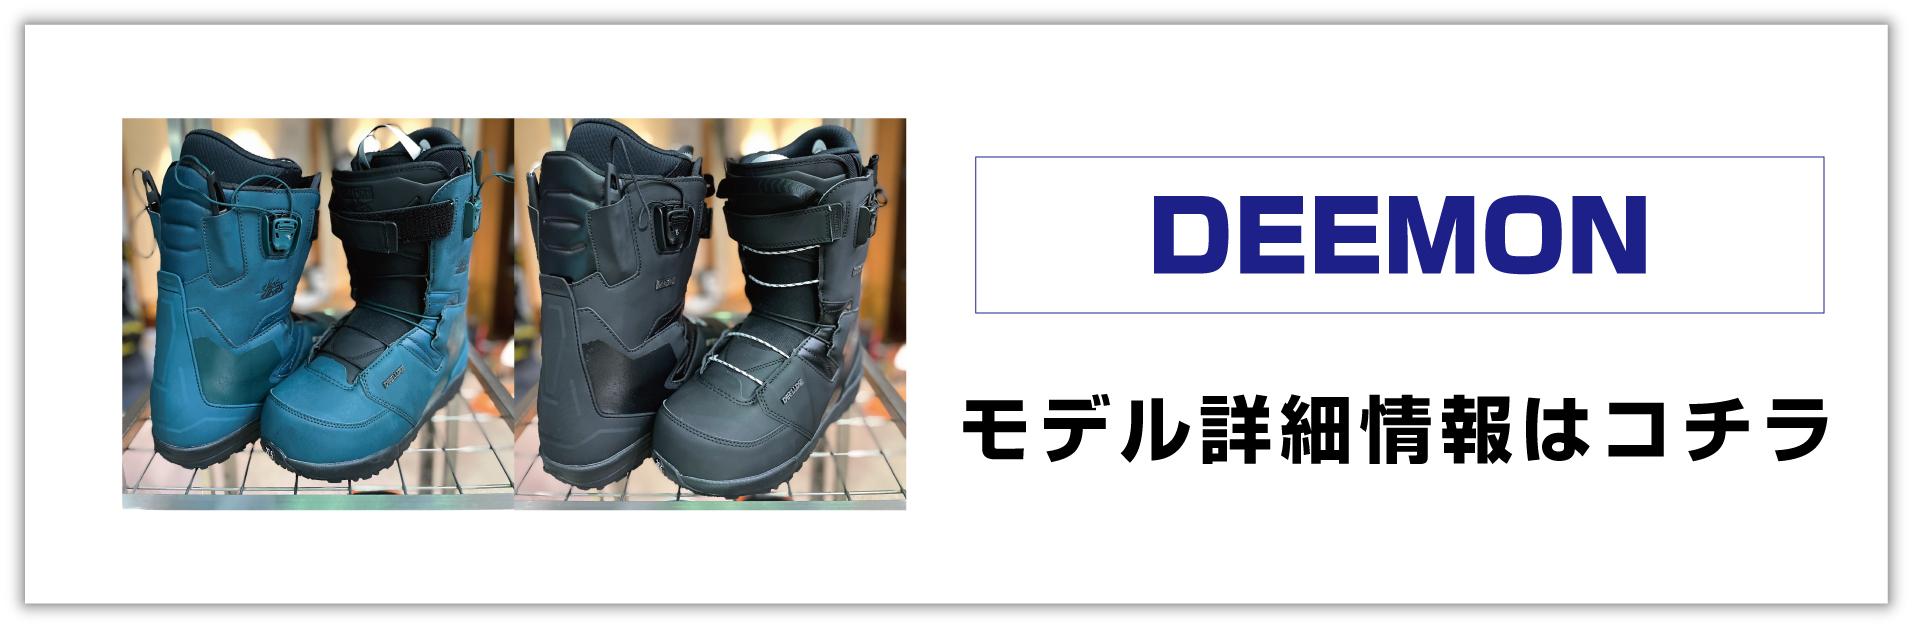 DEEMON